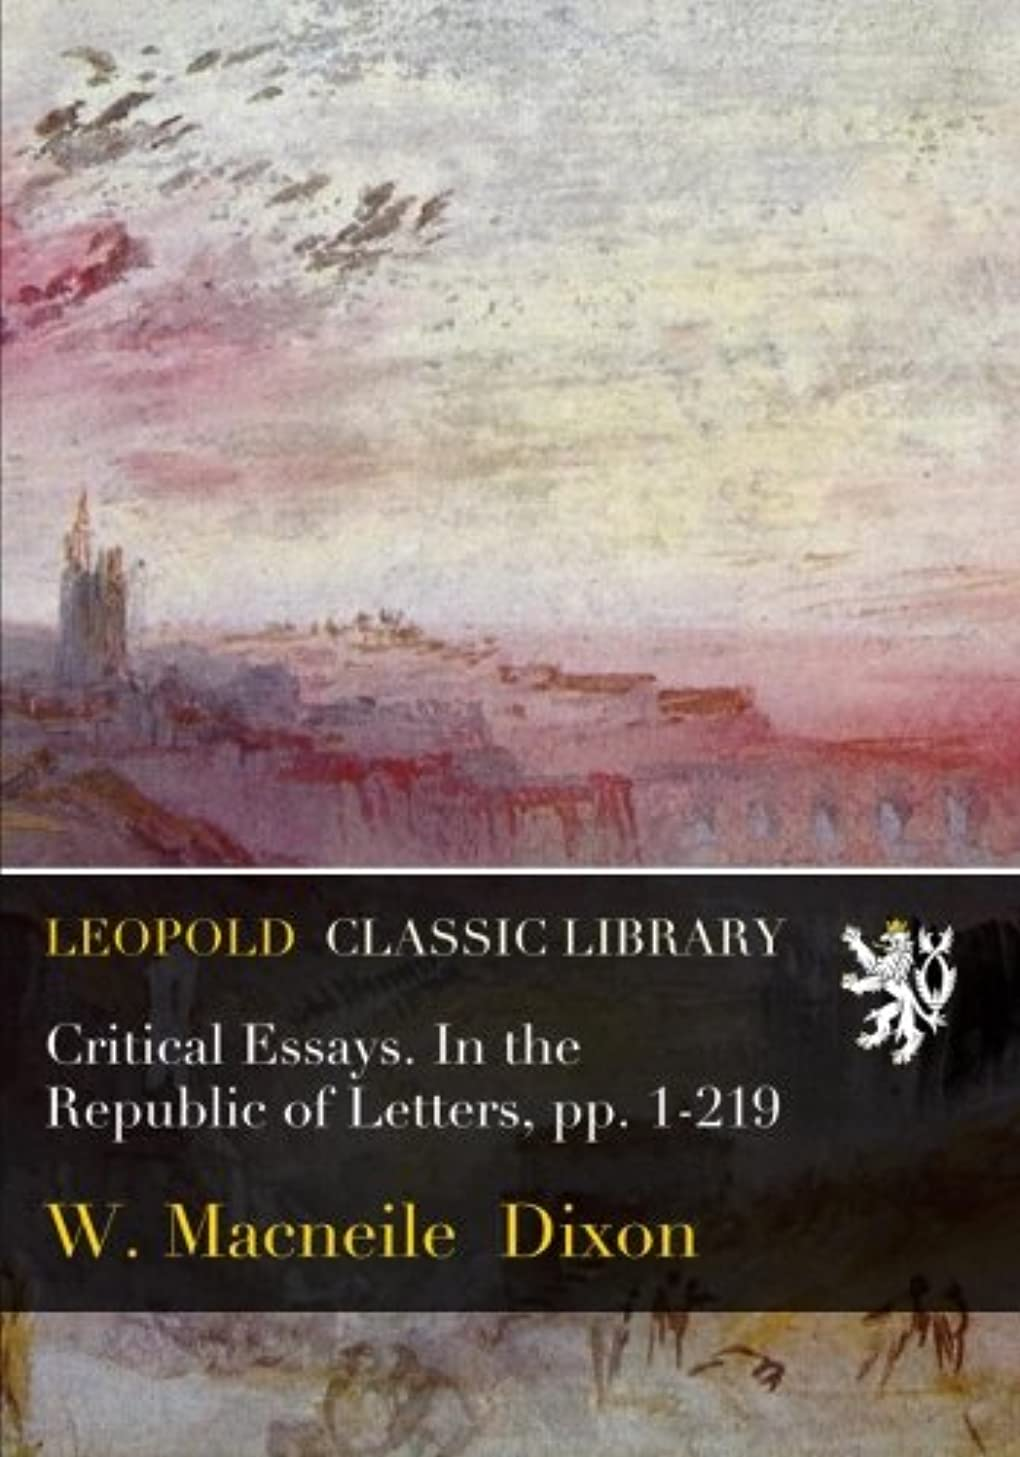 振動する最初はジョージハンブリーCritical Essays. In the Republic of Letters, pp. 1-219